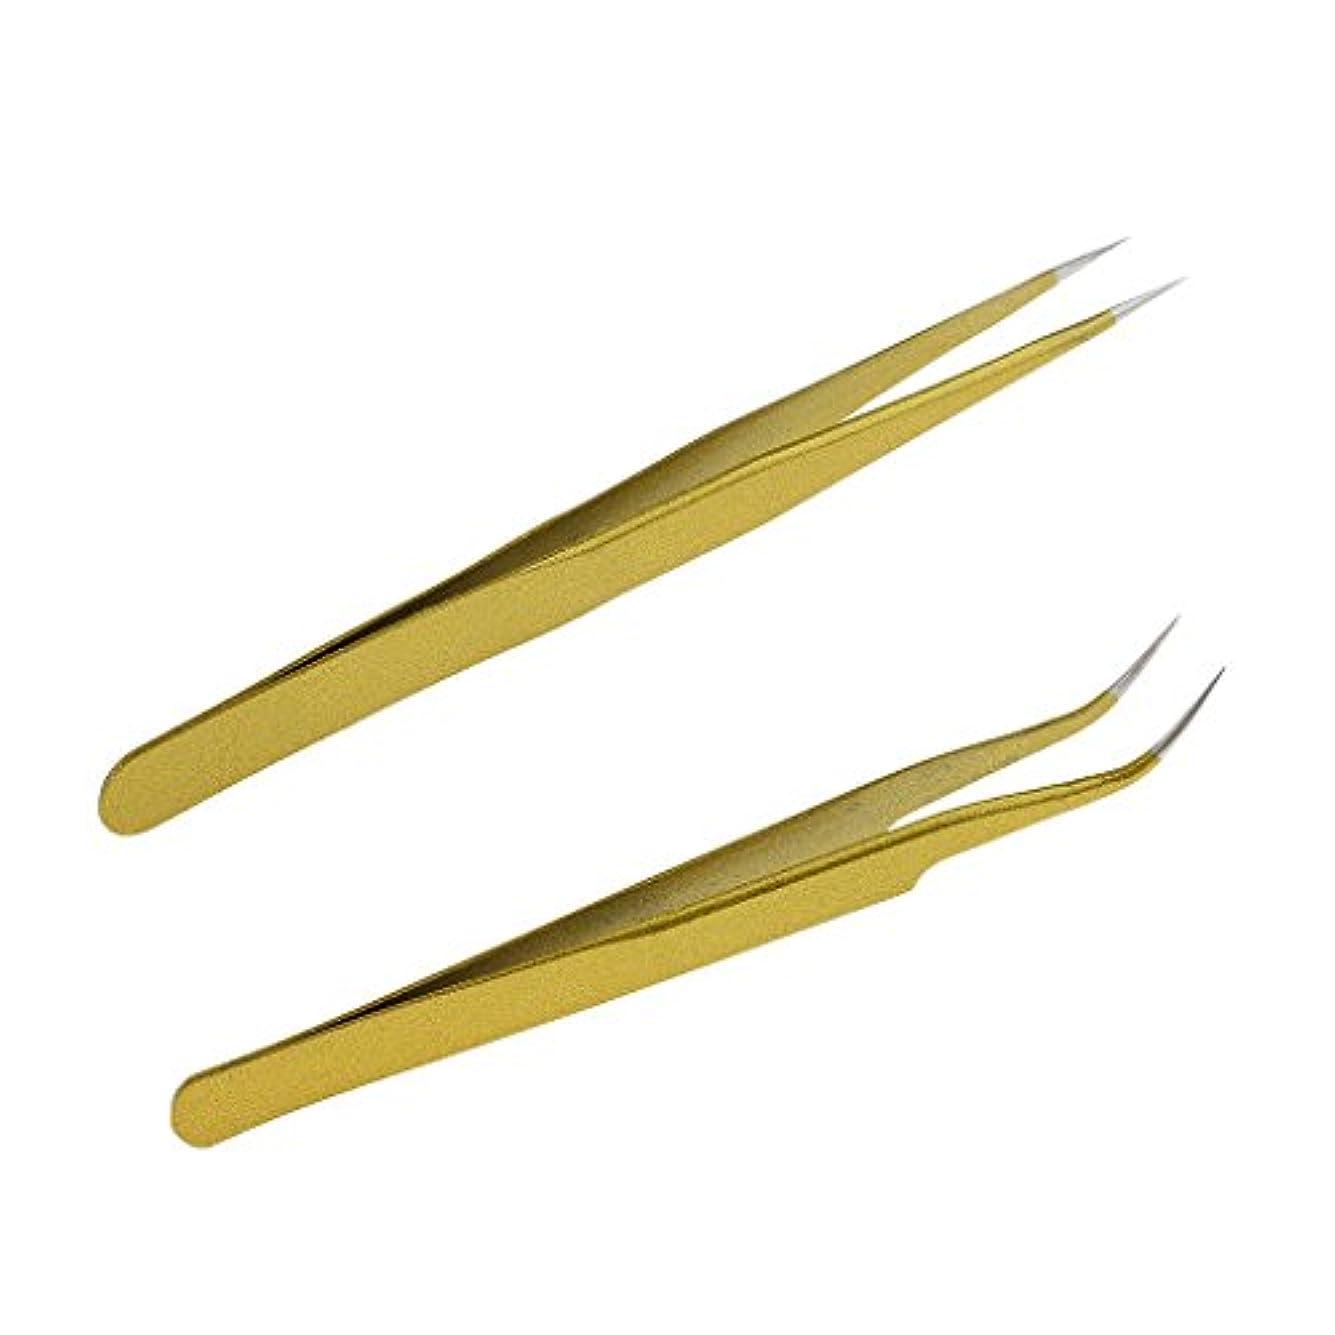 正直チャートアノイ毛抜き ピンセット ステンレス 曲線 ストレート まつげエクステンション ゴールド 2本セット